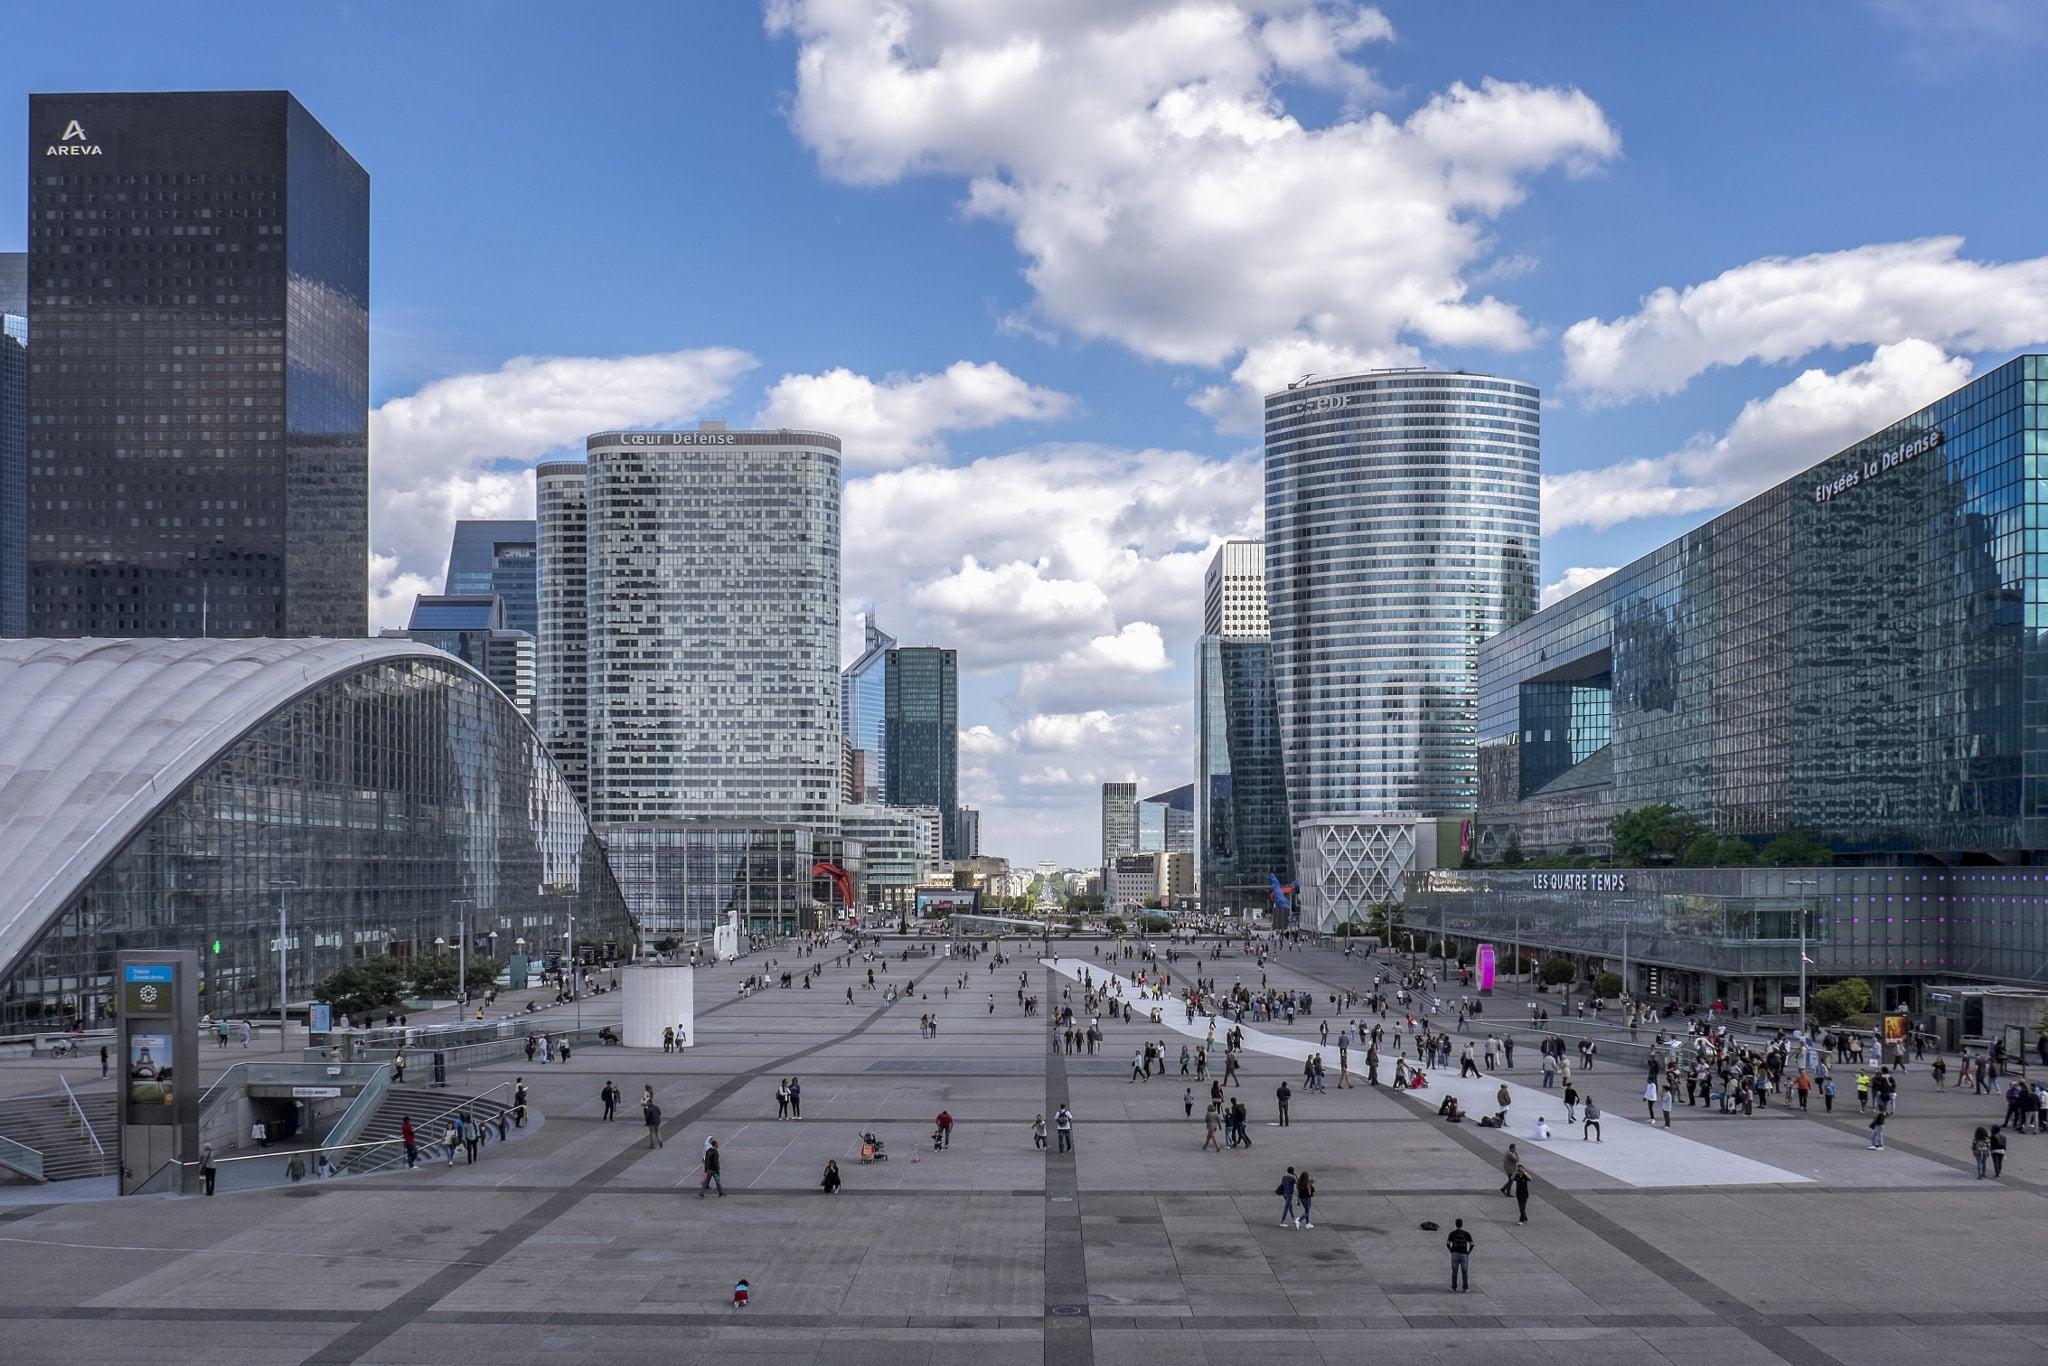 La_Defense_Paris cnit centre commercial paris